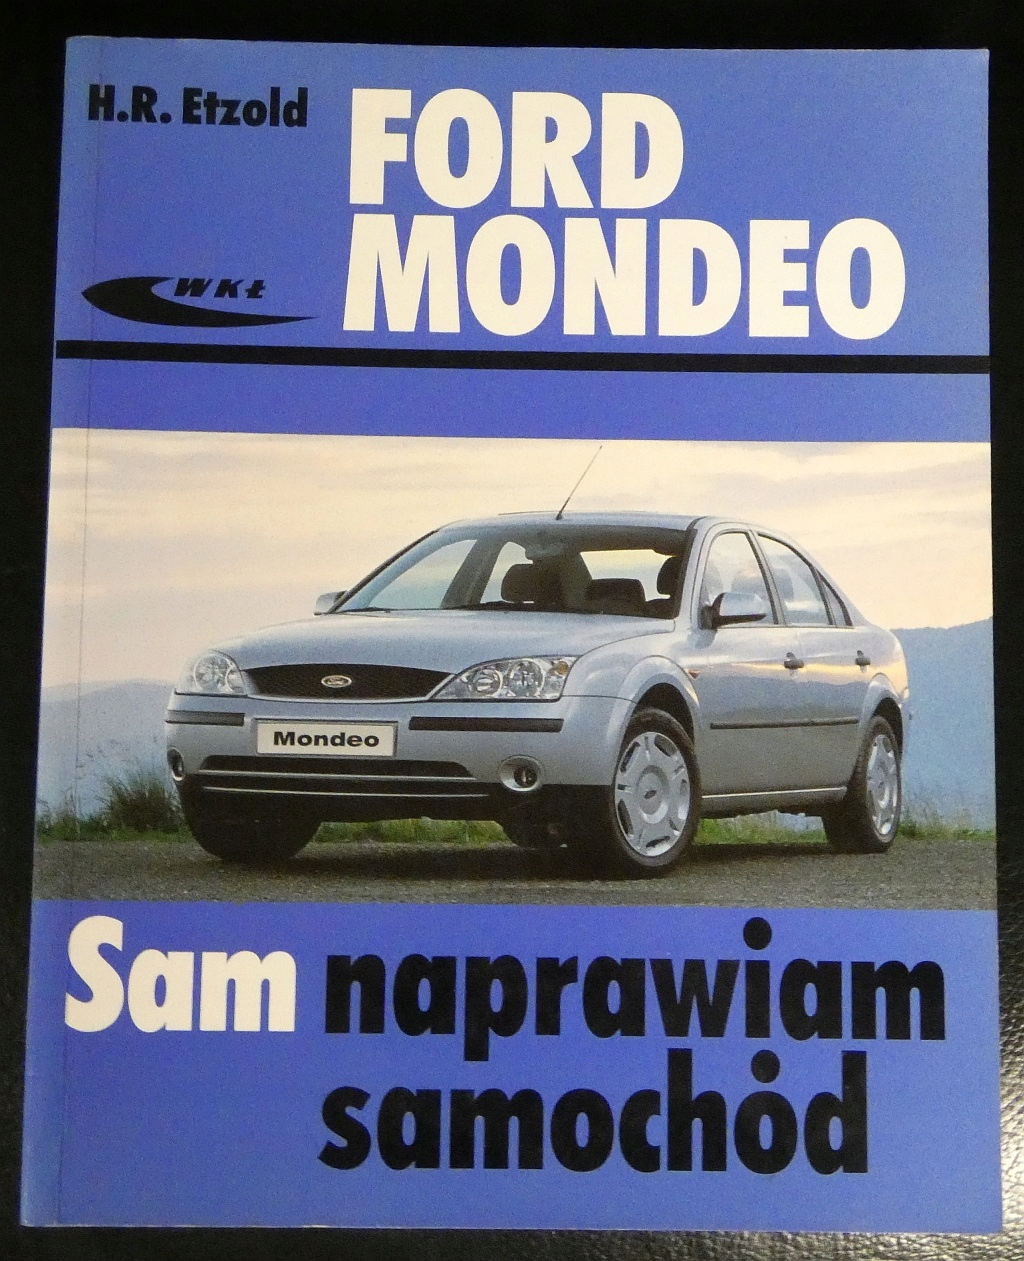 Sam Naprawiam samochód Ford Mondeo - wydanie 2